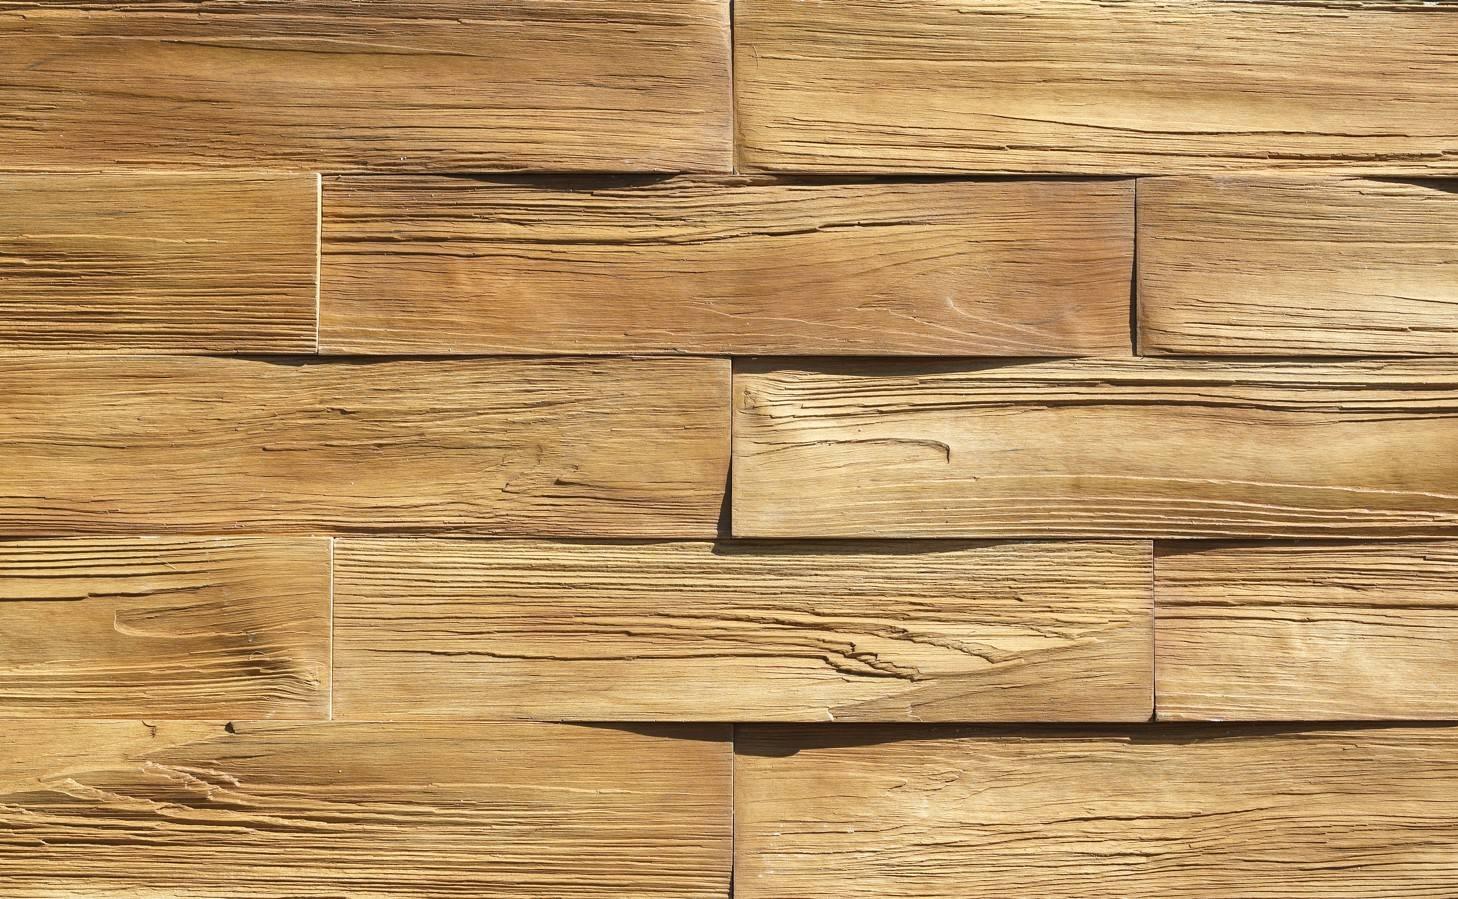 LIPEA - Timber 1 - WOOD, betonový obklad imitující staré dřevo/ dřevěný obklad z lehčeného betonu www.lipea.cz